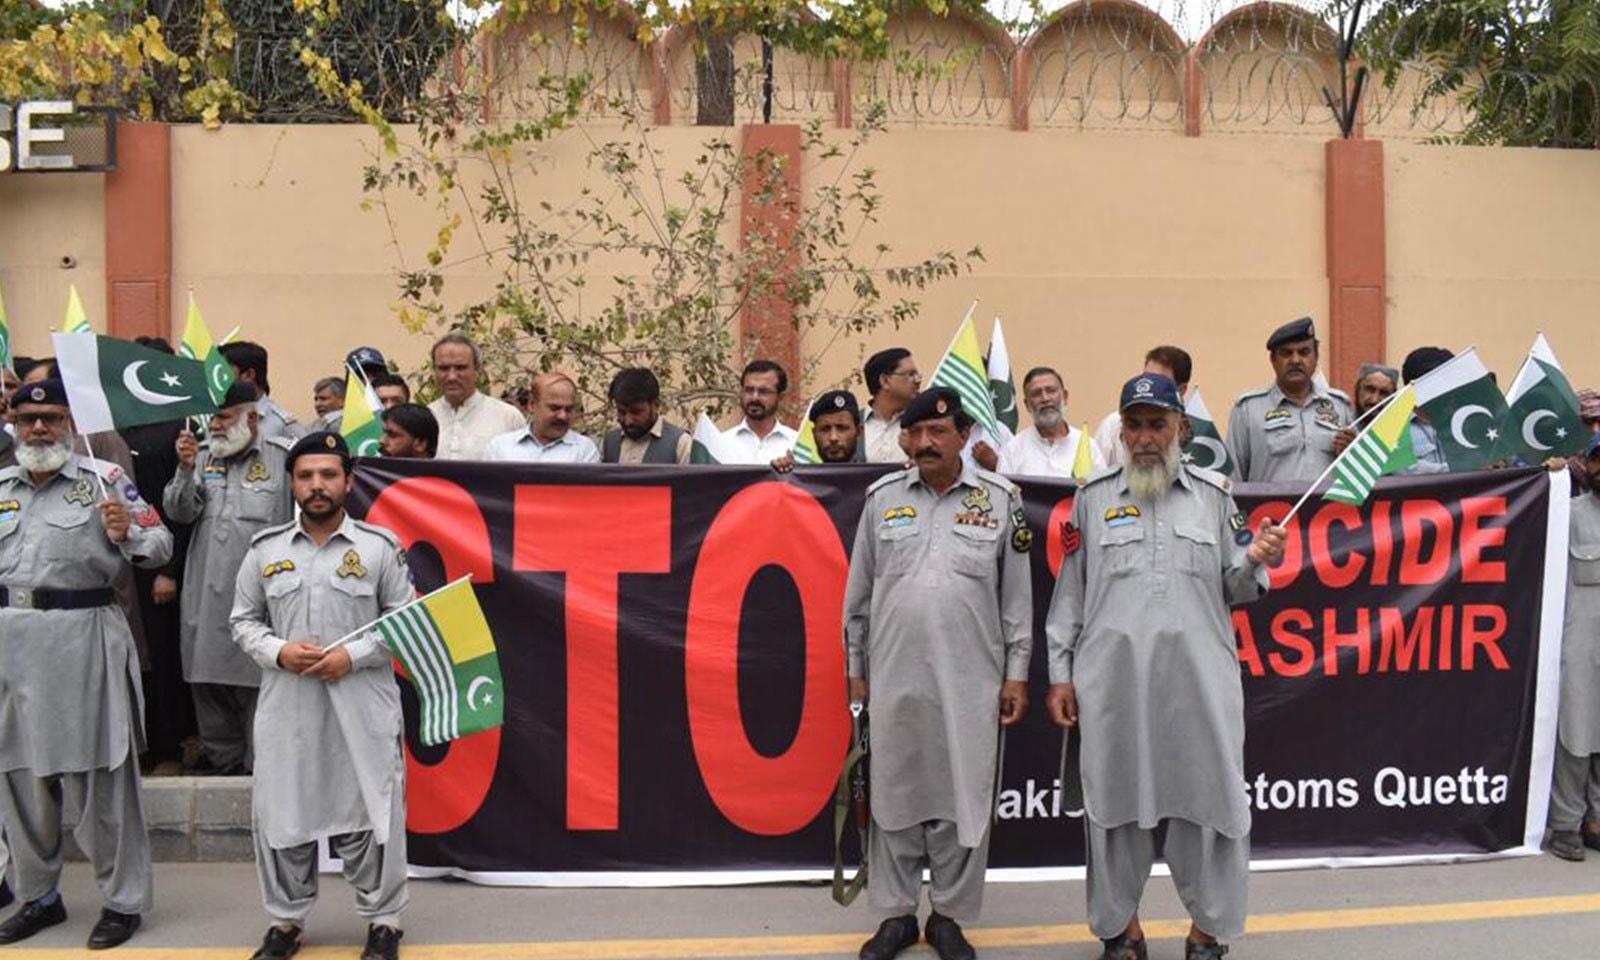 بلوچستان کے غیور عوام بھی کشمیریوں سے اظہارِ یکجہتی کے لیے سڑکوں پر نکل آئے— فوٹو: علی شاہ